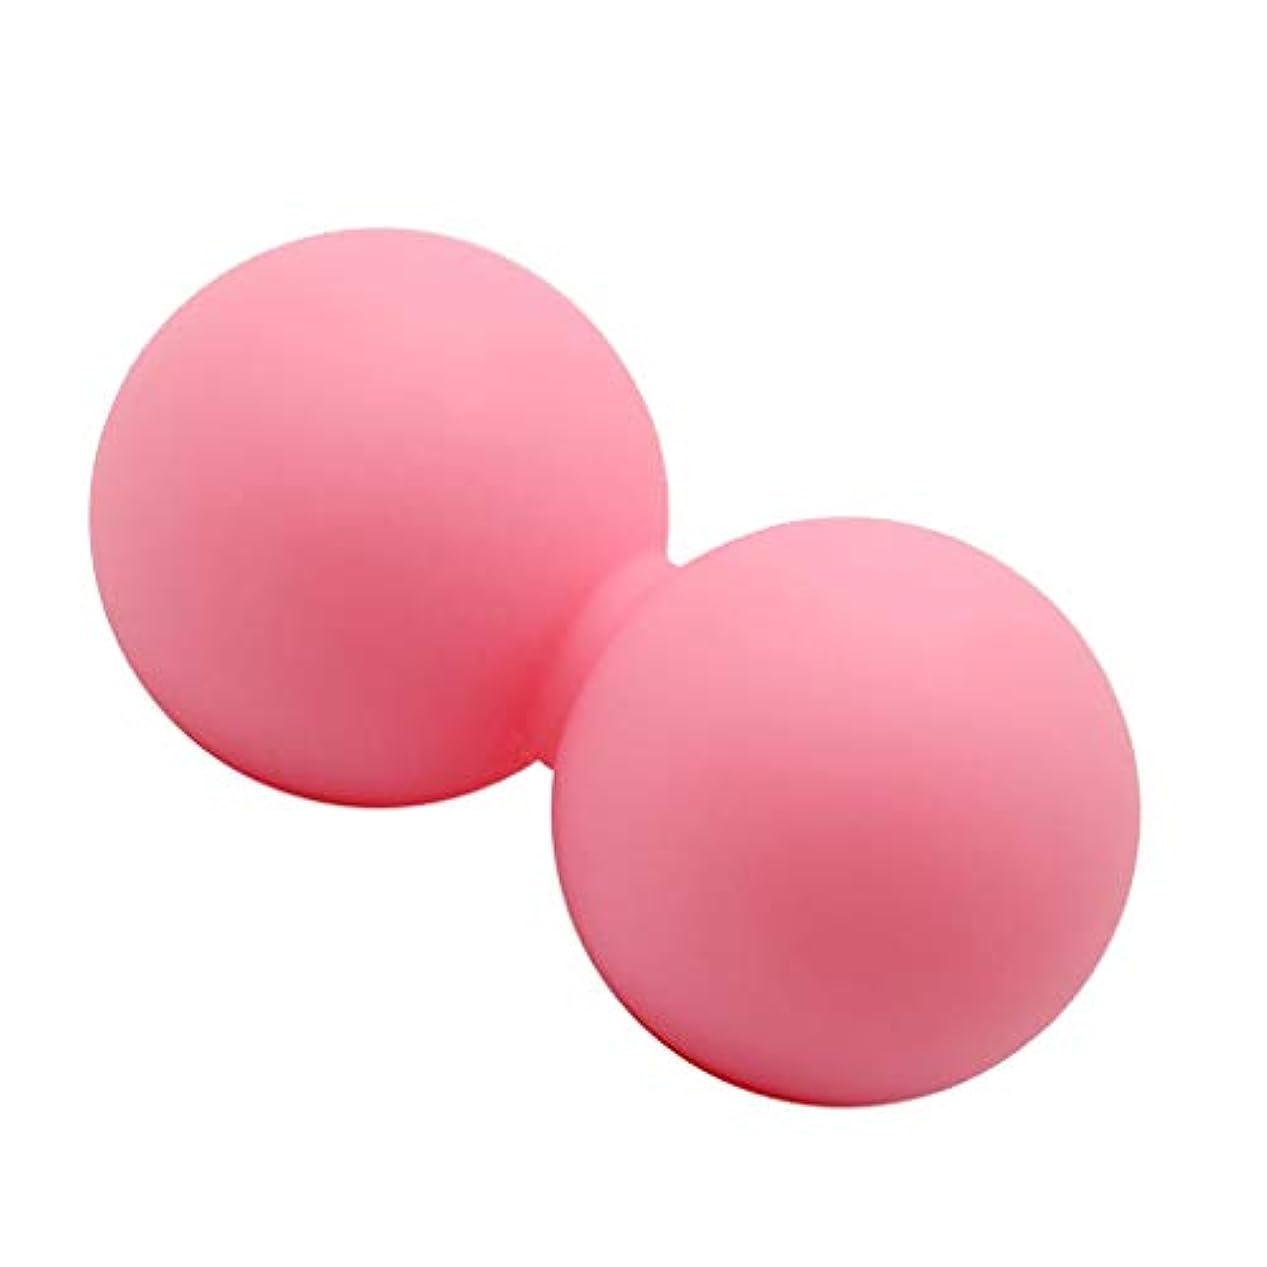 どきどき北西著作権マッサージボール ピーナッツ シリコン 足 足首 腕 首 背中 ボディマッサージ ピンク